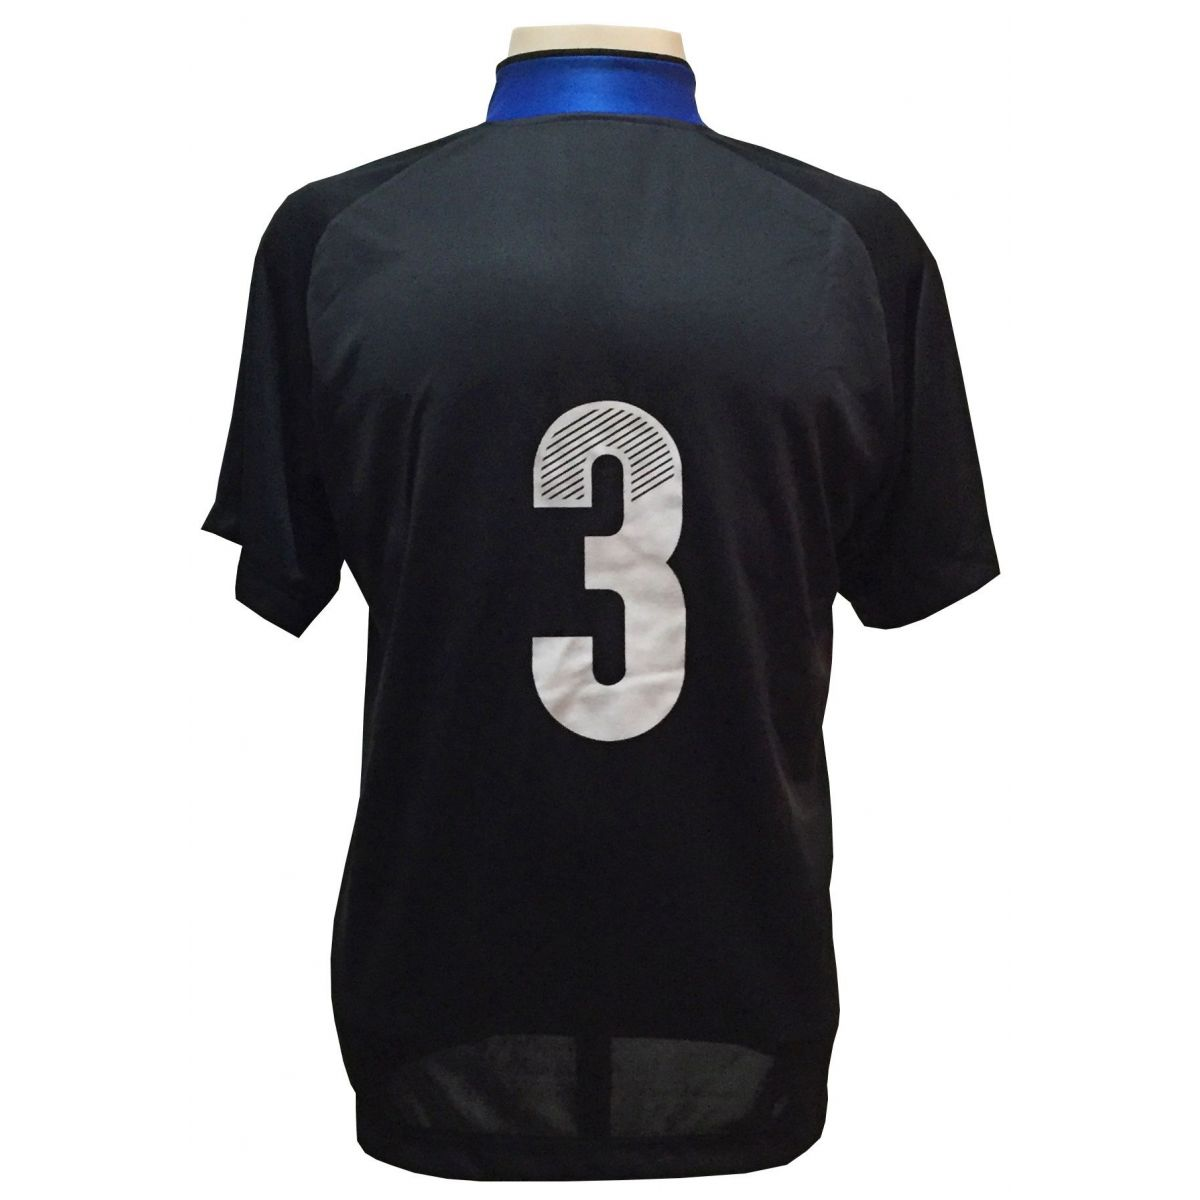 Uniforme Completo modelo Milan Preto/Royal 12+1 (12 camisas + 12 calções + 13 pares de meiões + 1 conjunto de goleiro) - Frete Grátis Brasil + Brindes